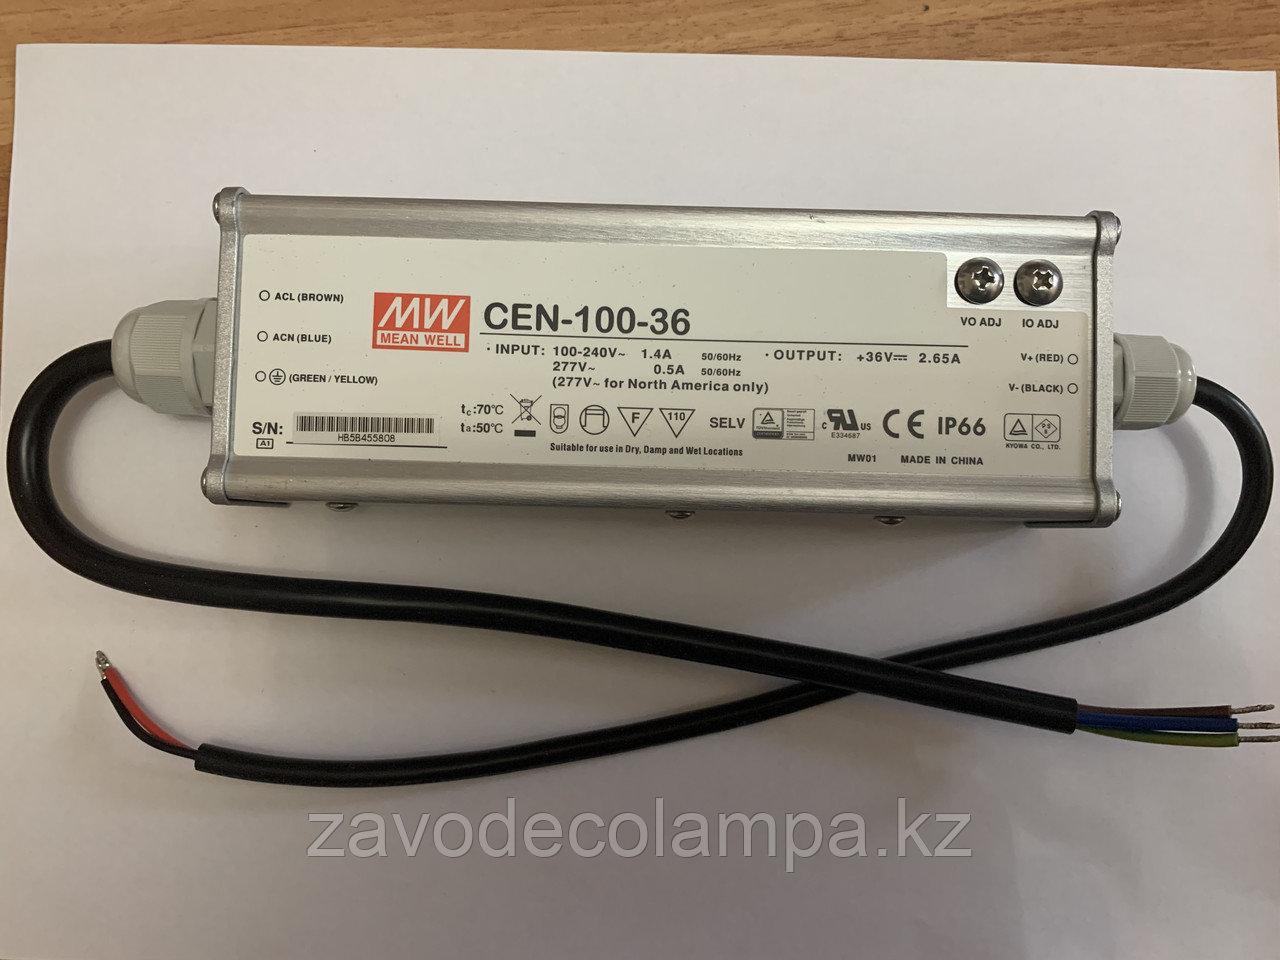 Драйвер / блок питания Mean Well CEN-100-36 (для уличных светильников и прожекторов 100 ватт)